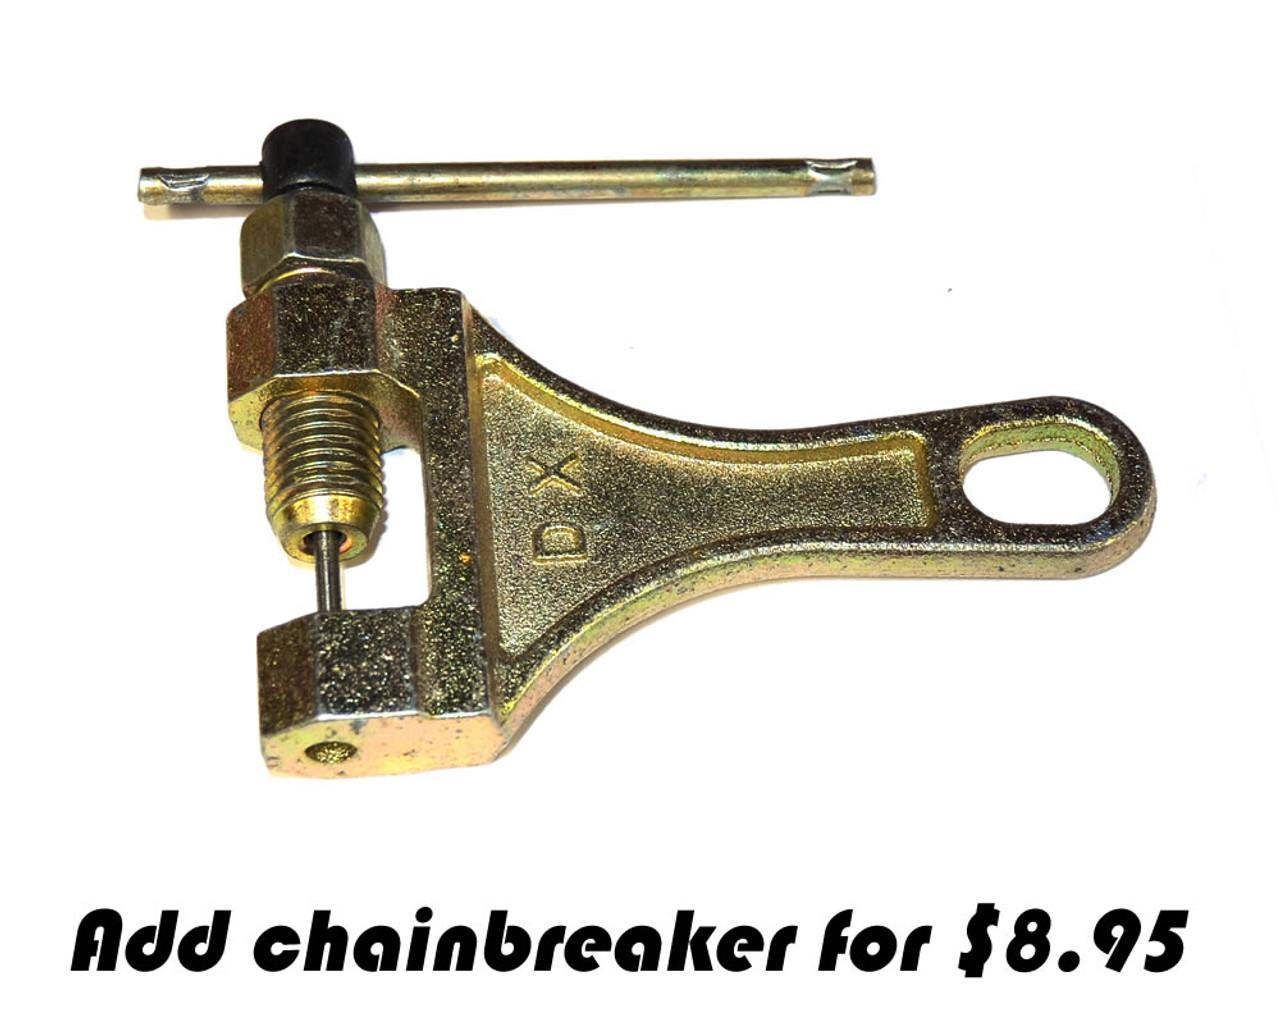 #35 Chain